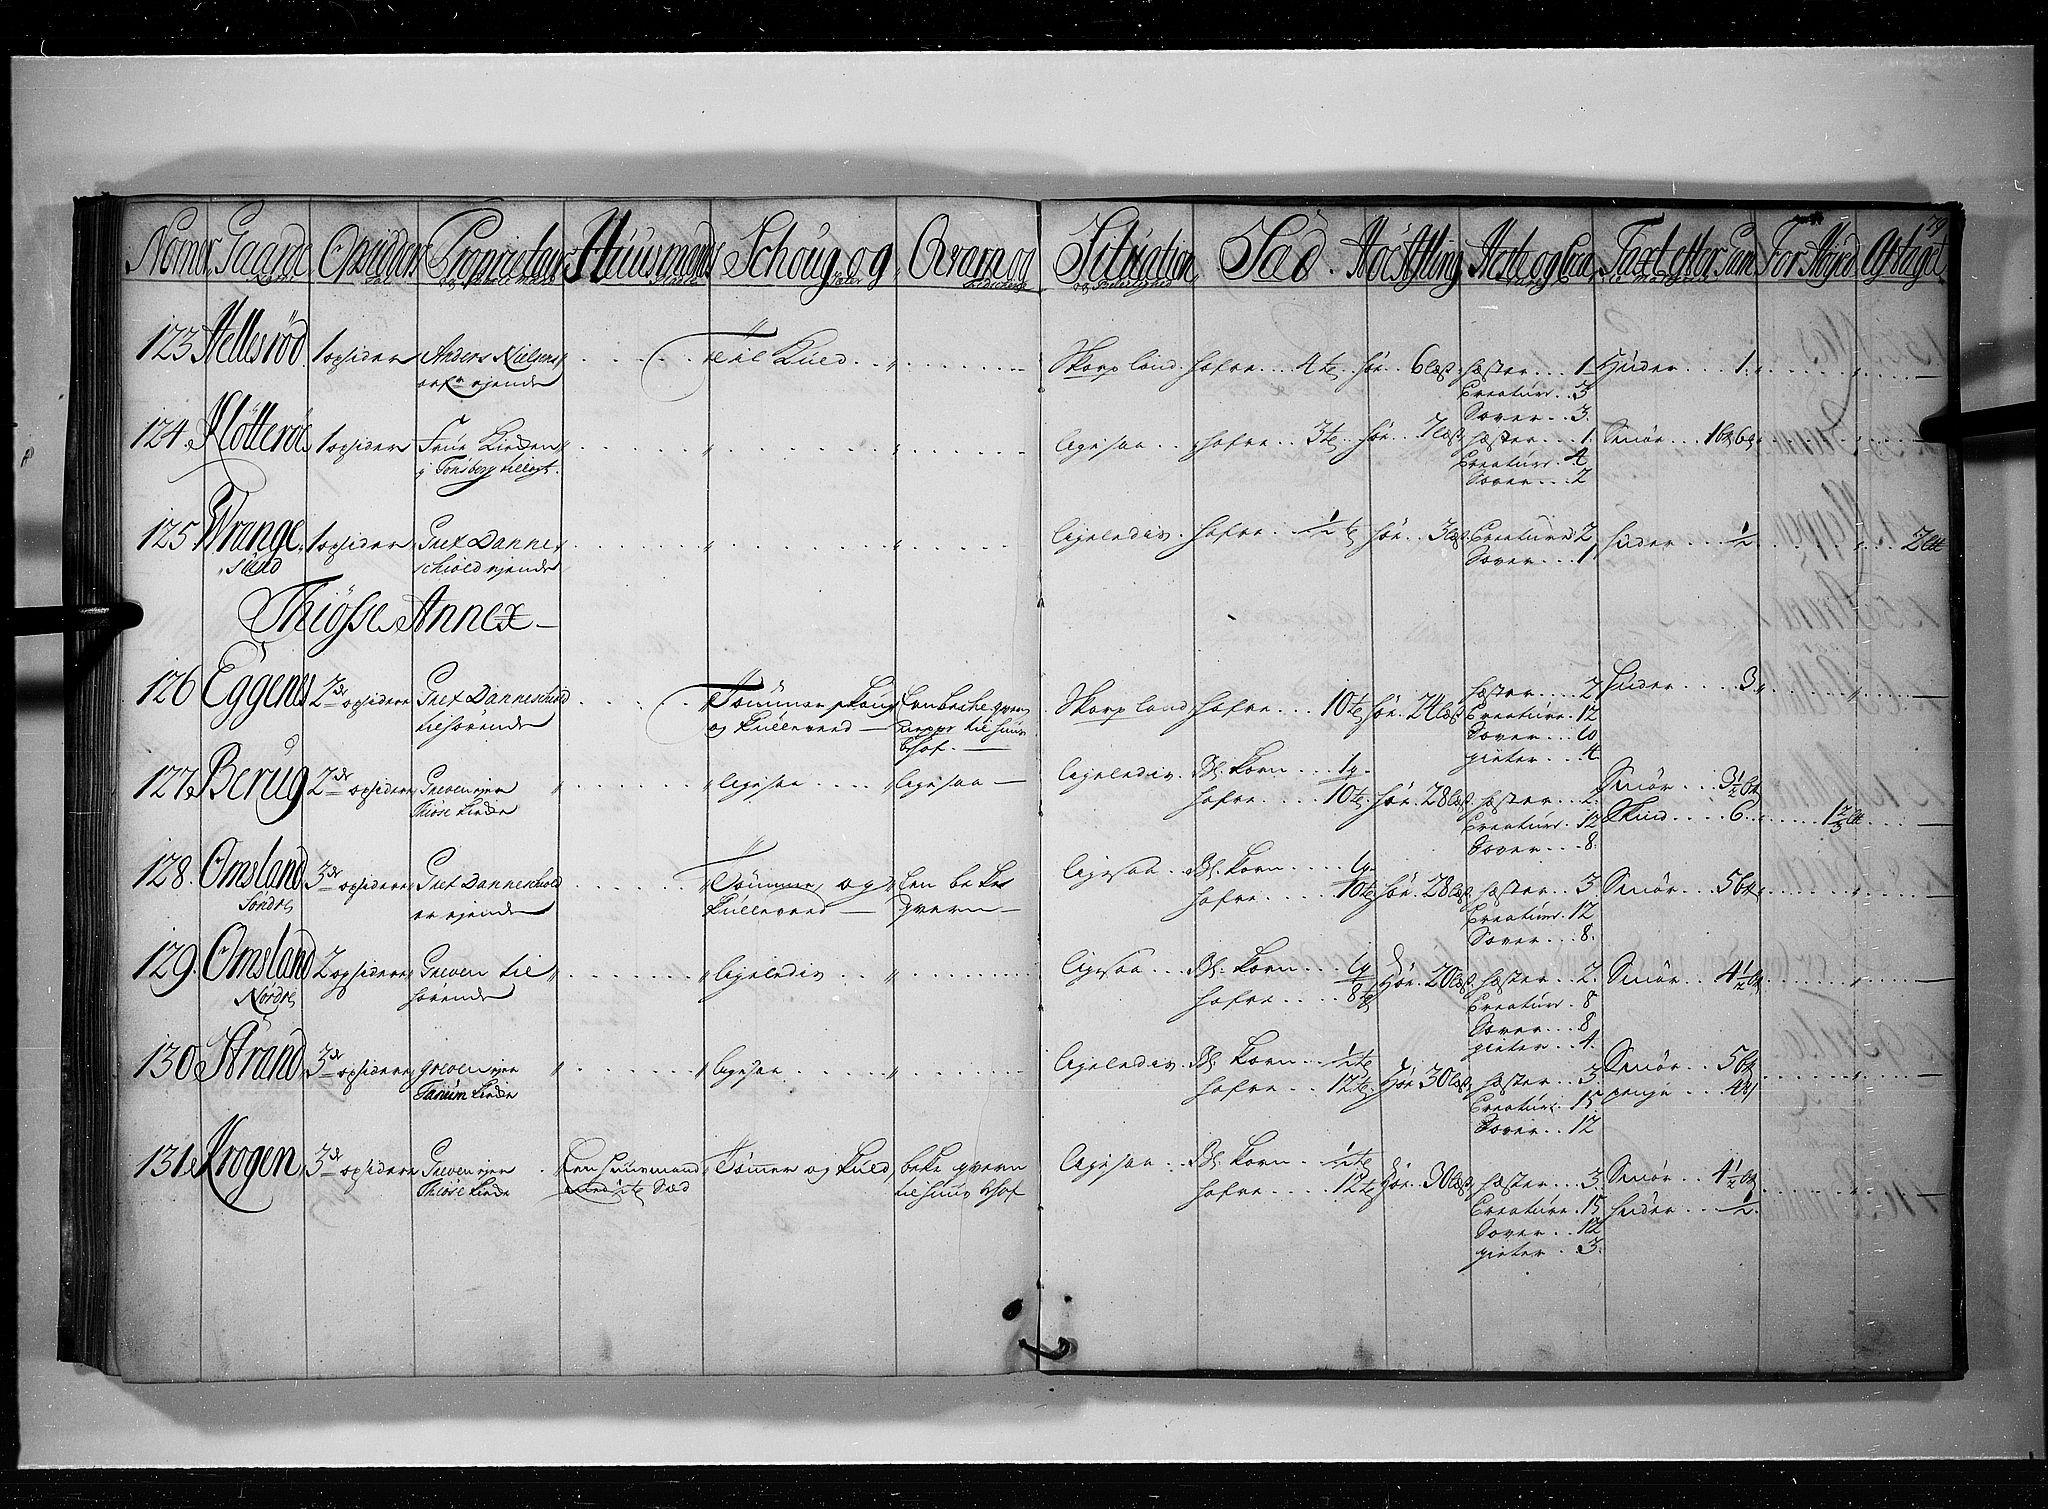 RA, Rentekammeret inntil 1814, Realistisk ordnet avdeling, N/Nb/Nbf/L0117: Larvik grevskap eksaminasjonsprotokoll, 1723, s. 78b-79a